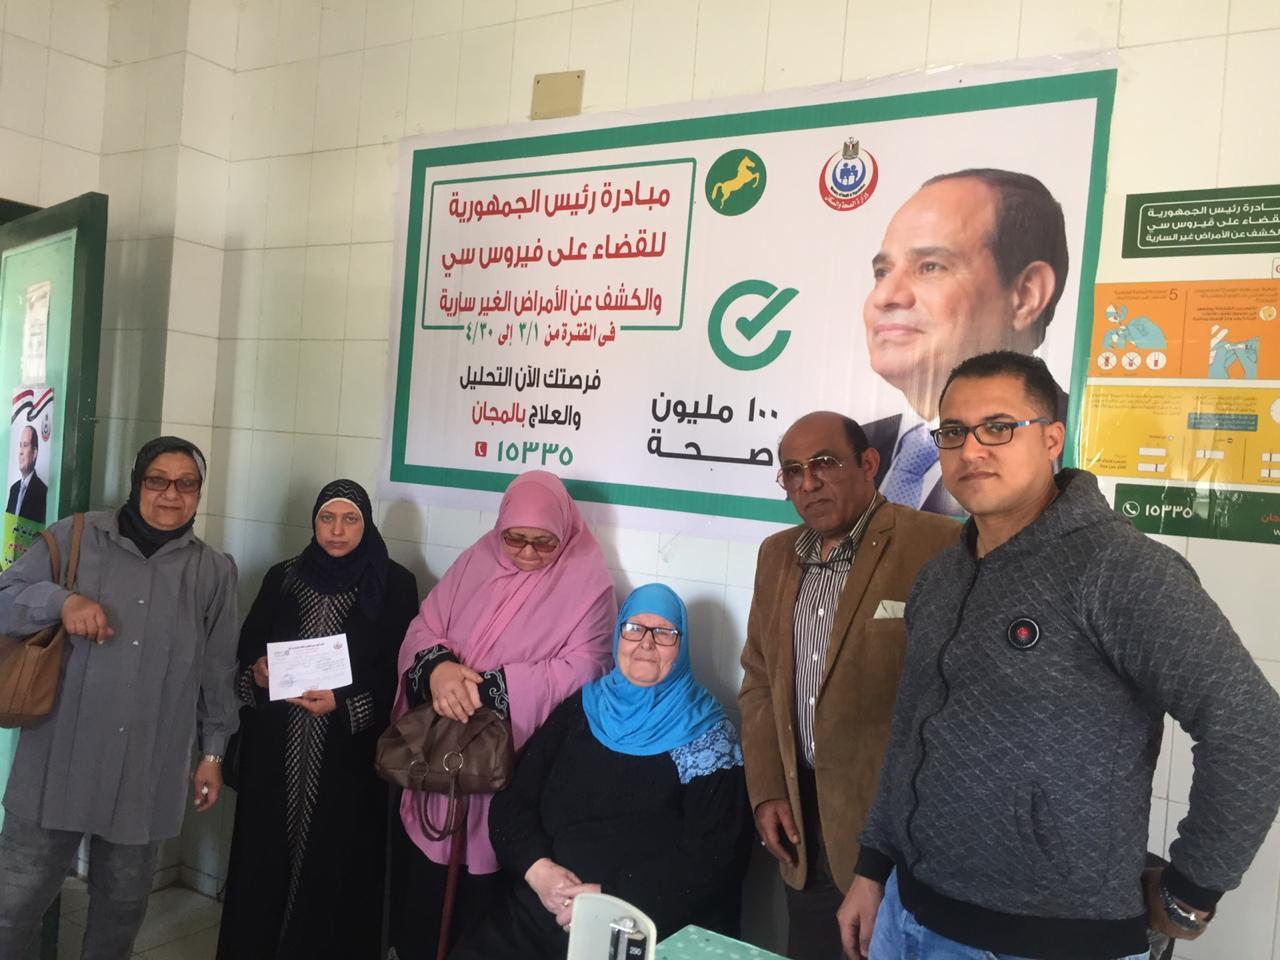 المبادرة الرئاسية ١٠٠ مليون صحة للأجانب بمحافظة الشرقية8